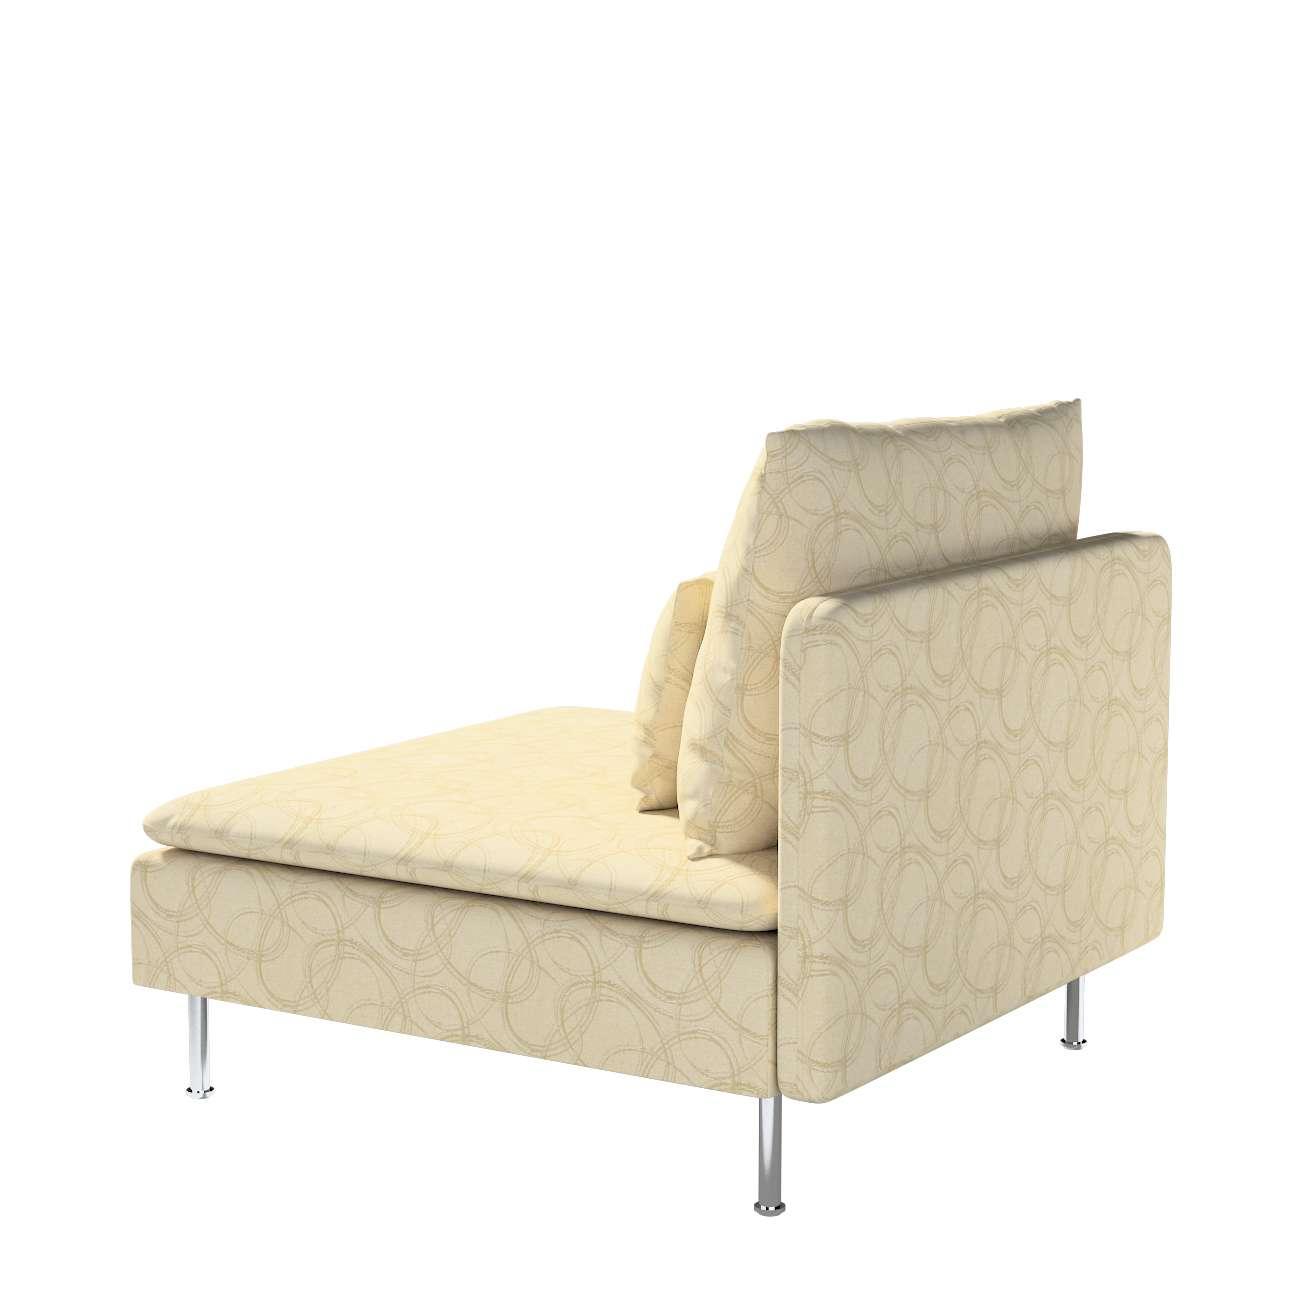 Bezug für Söderhamn Sitzelement 1 von der Kollektion Living, Stoff: 161-81